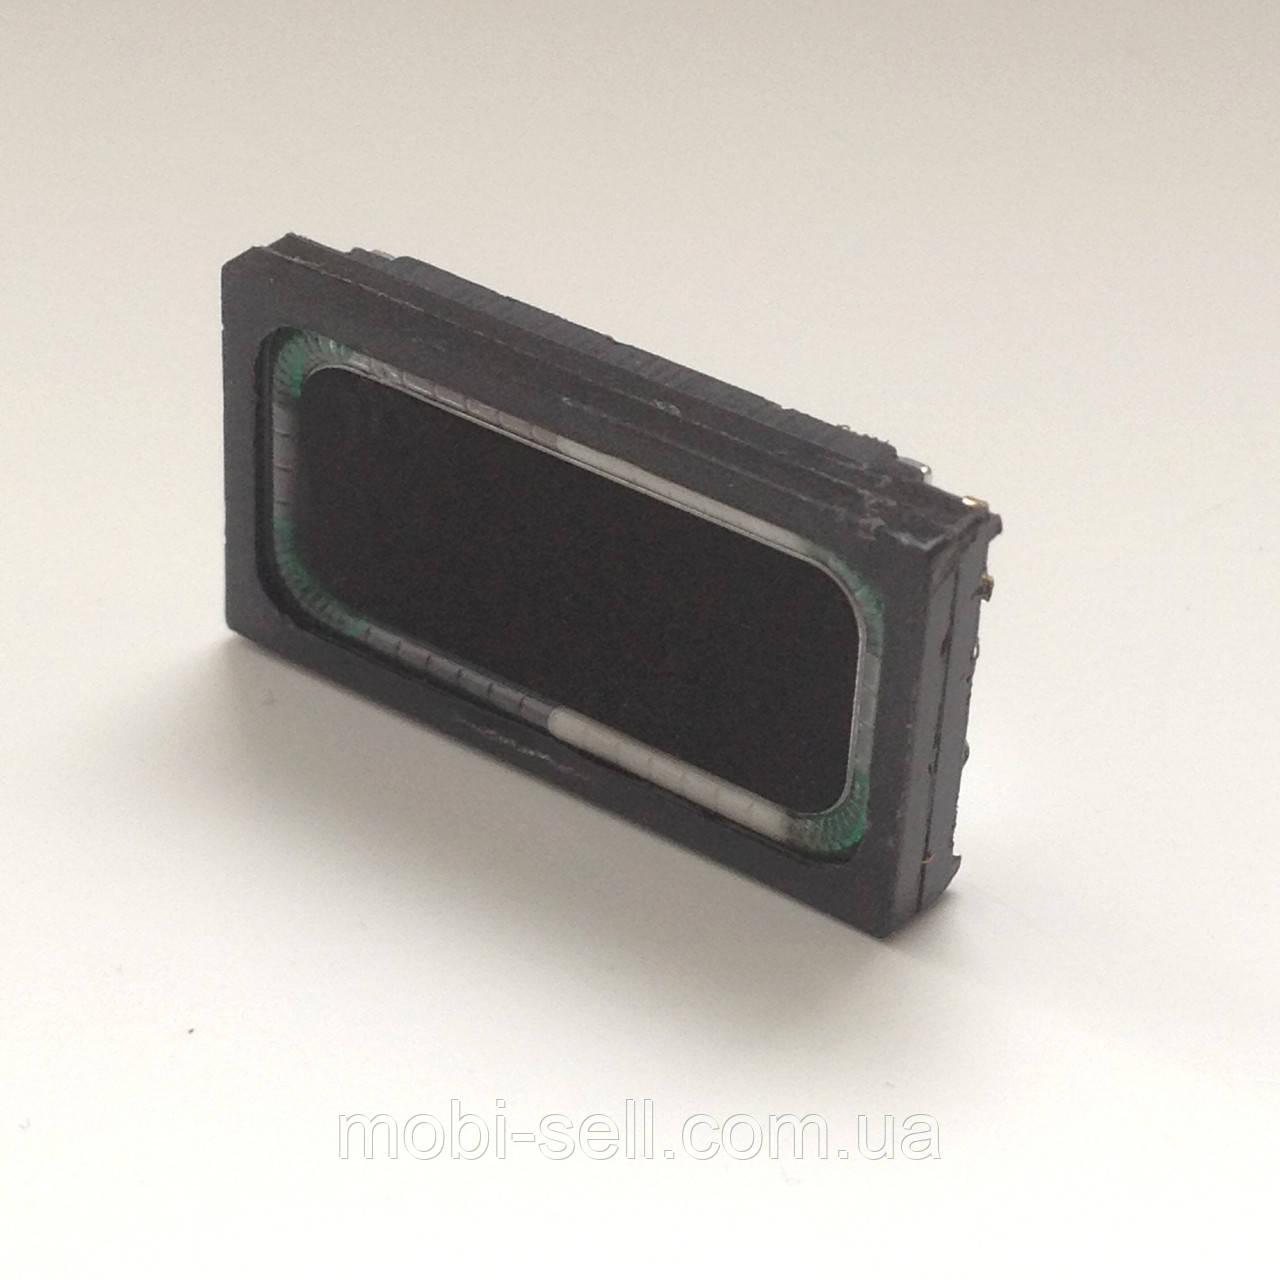 Звонок для Blackview BV8000 / BV8000 Pro (динамик музыкальный, полифонический)